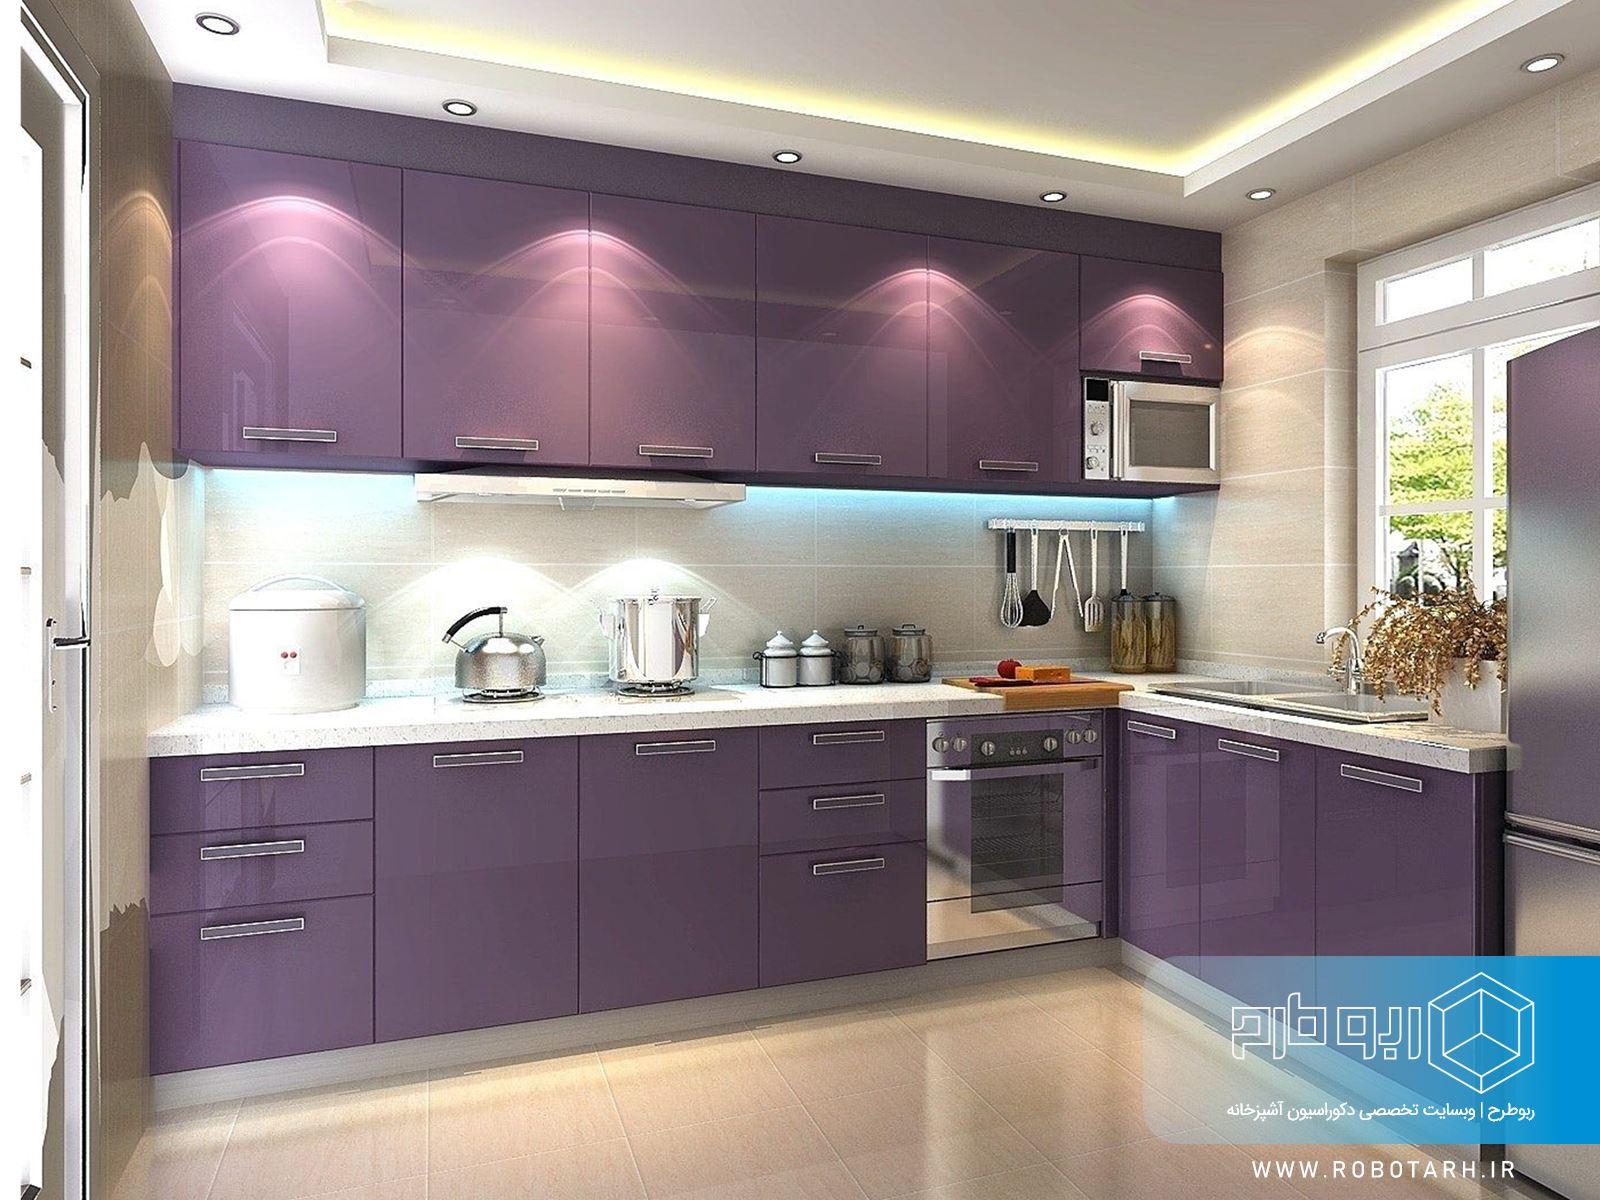 رنگ بنفش برای دکور آشپزخانه